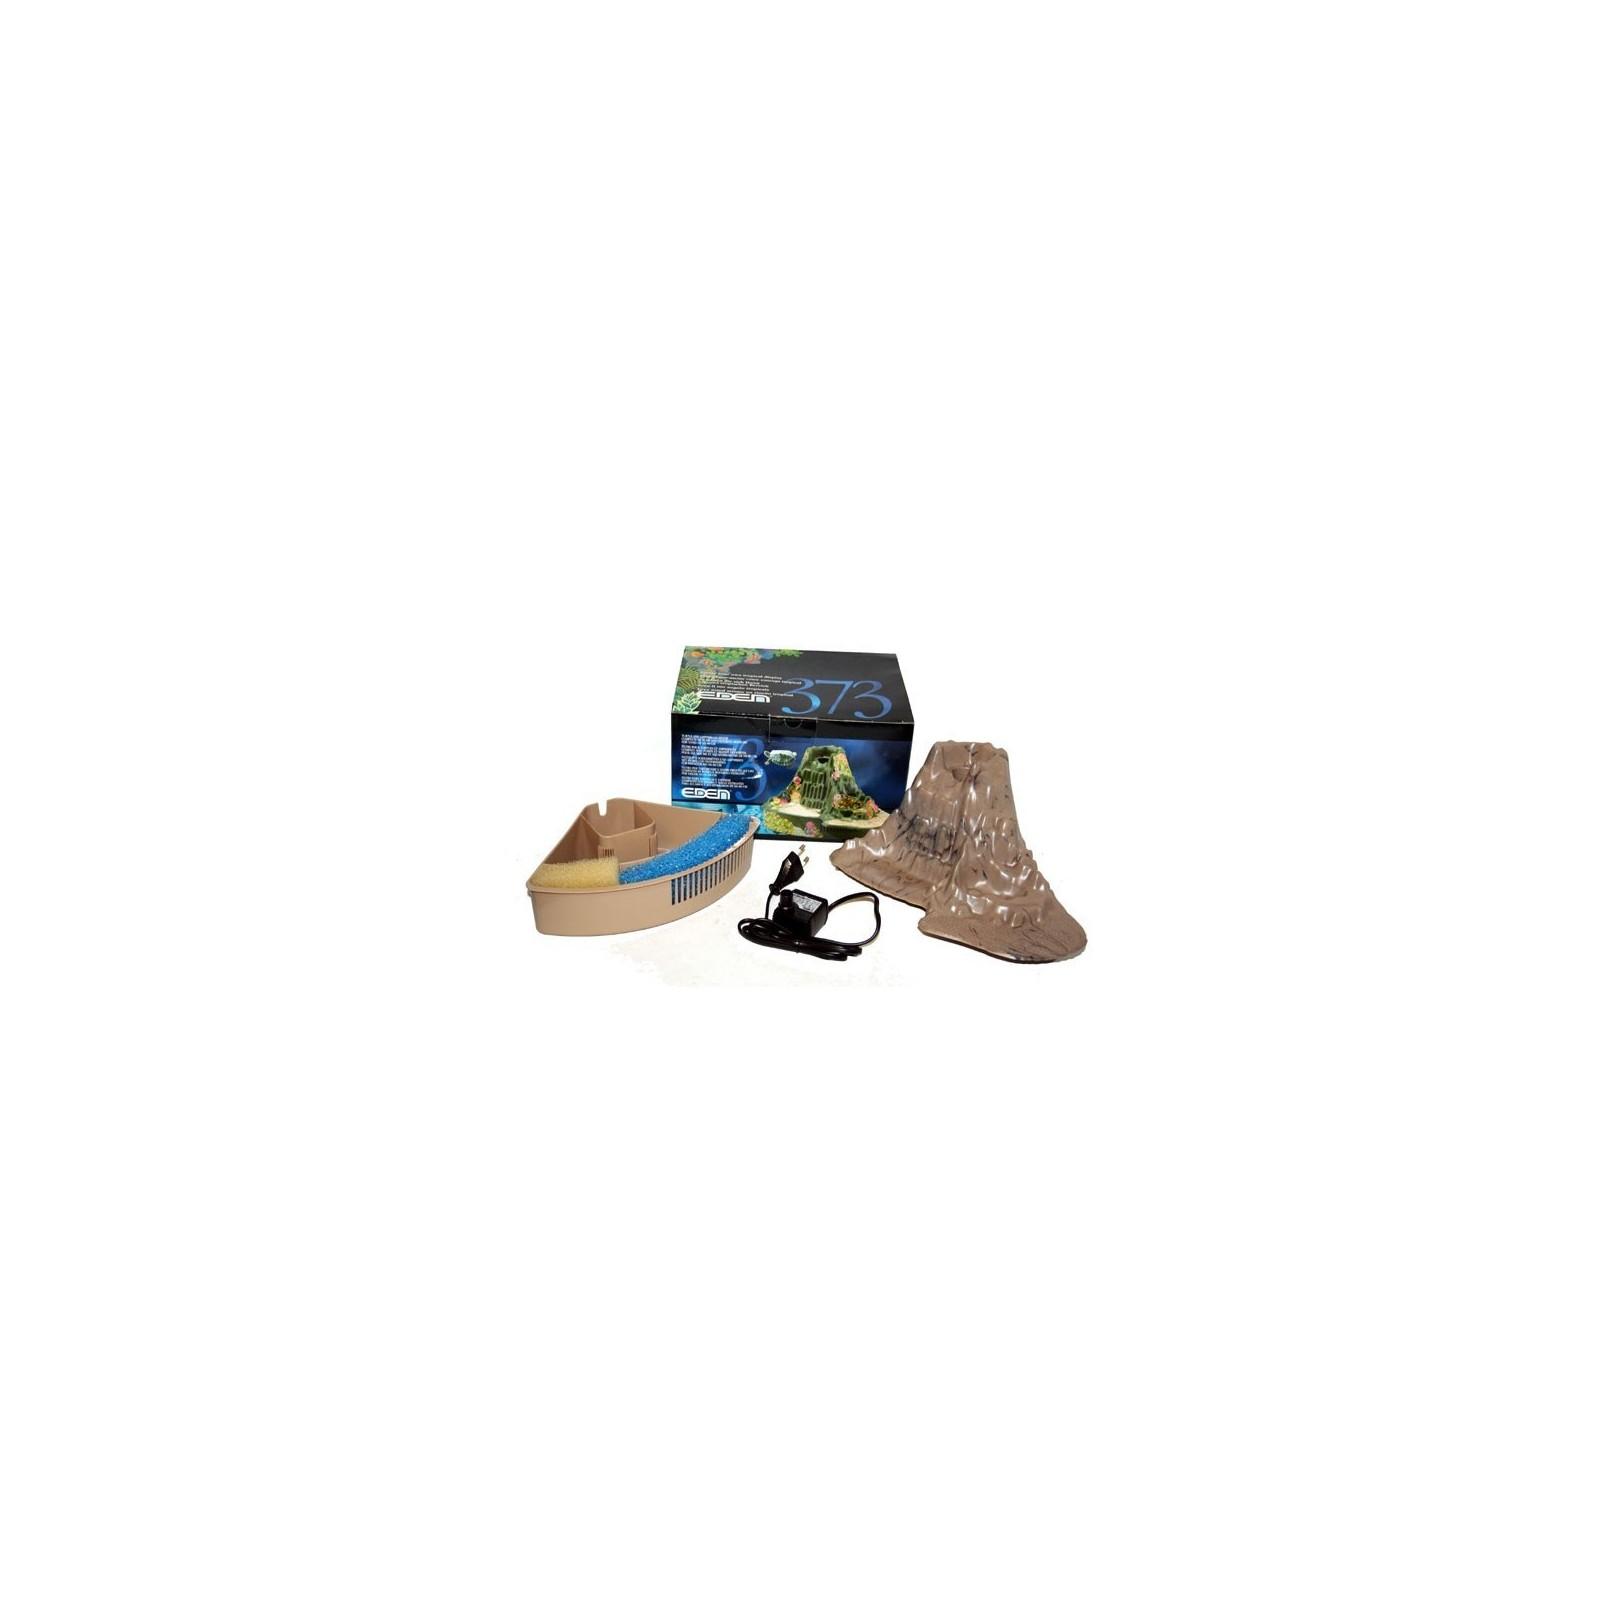 Eden 373 Filtro Interno con portata regolabile da 120 a 240 l/h per tartarughiere o paludari